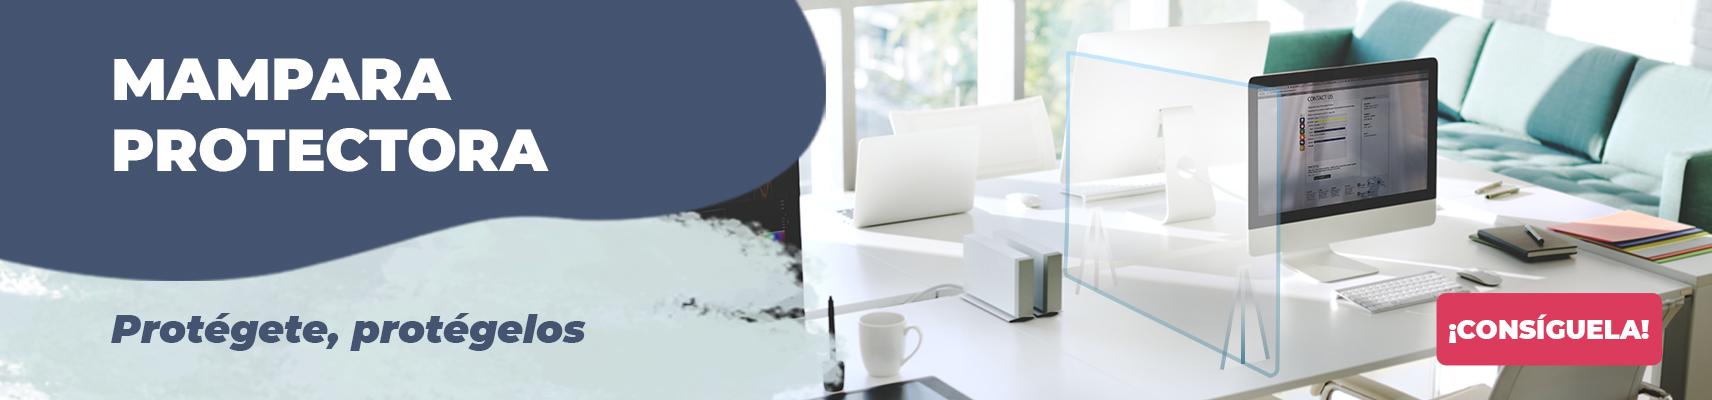 Mamparas protectoras anti contagio para negocios y oficinas